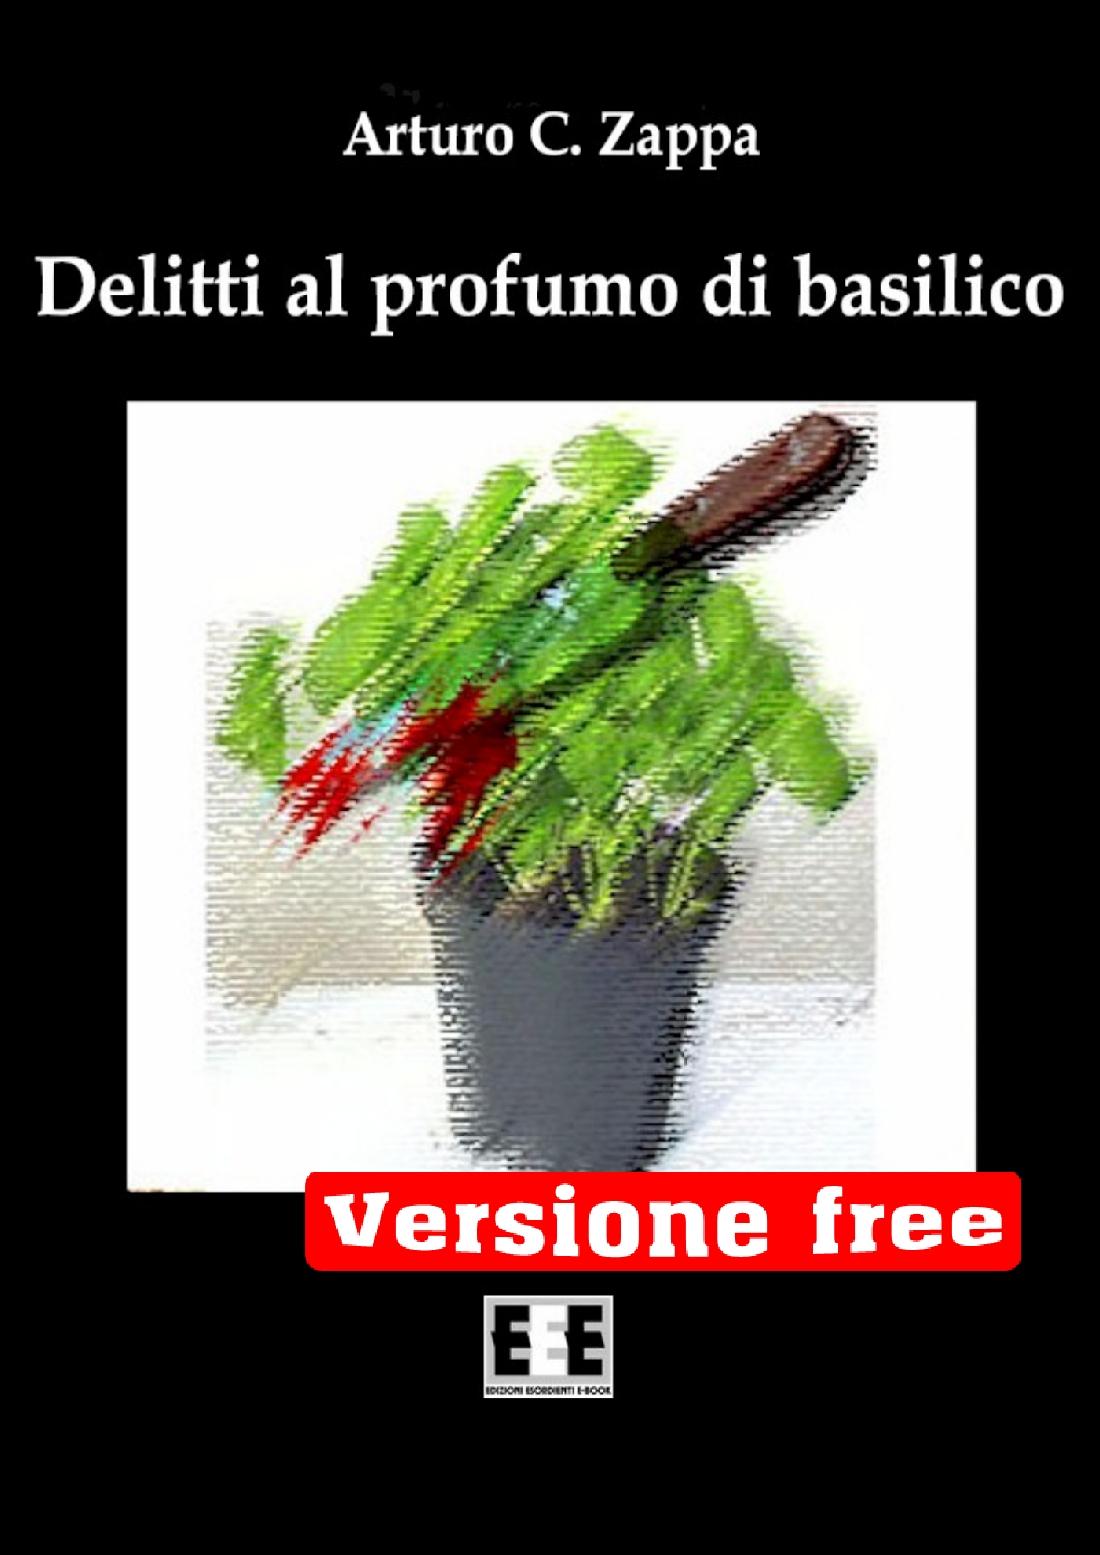 DELITTI_ZAPPA_FREE